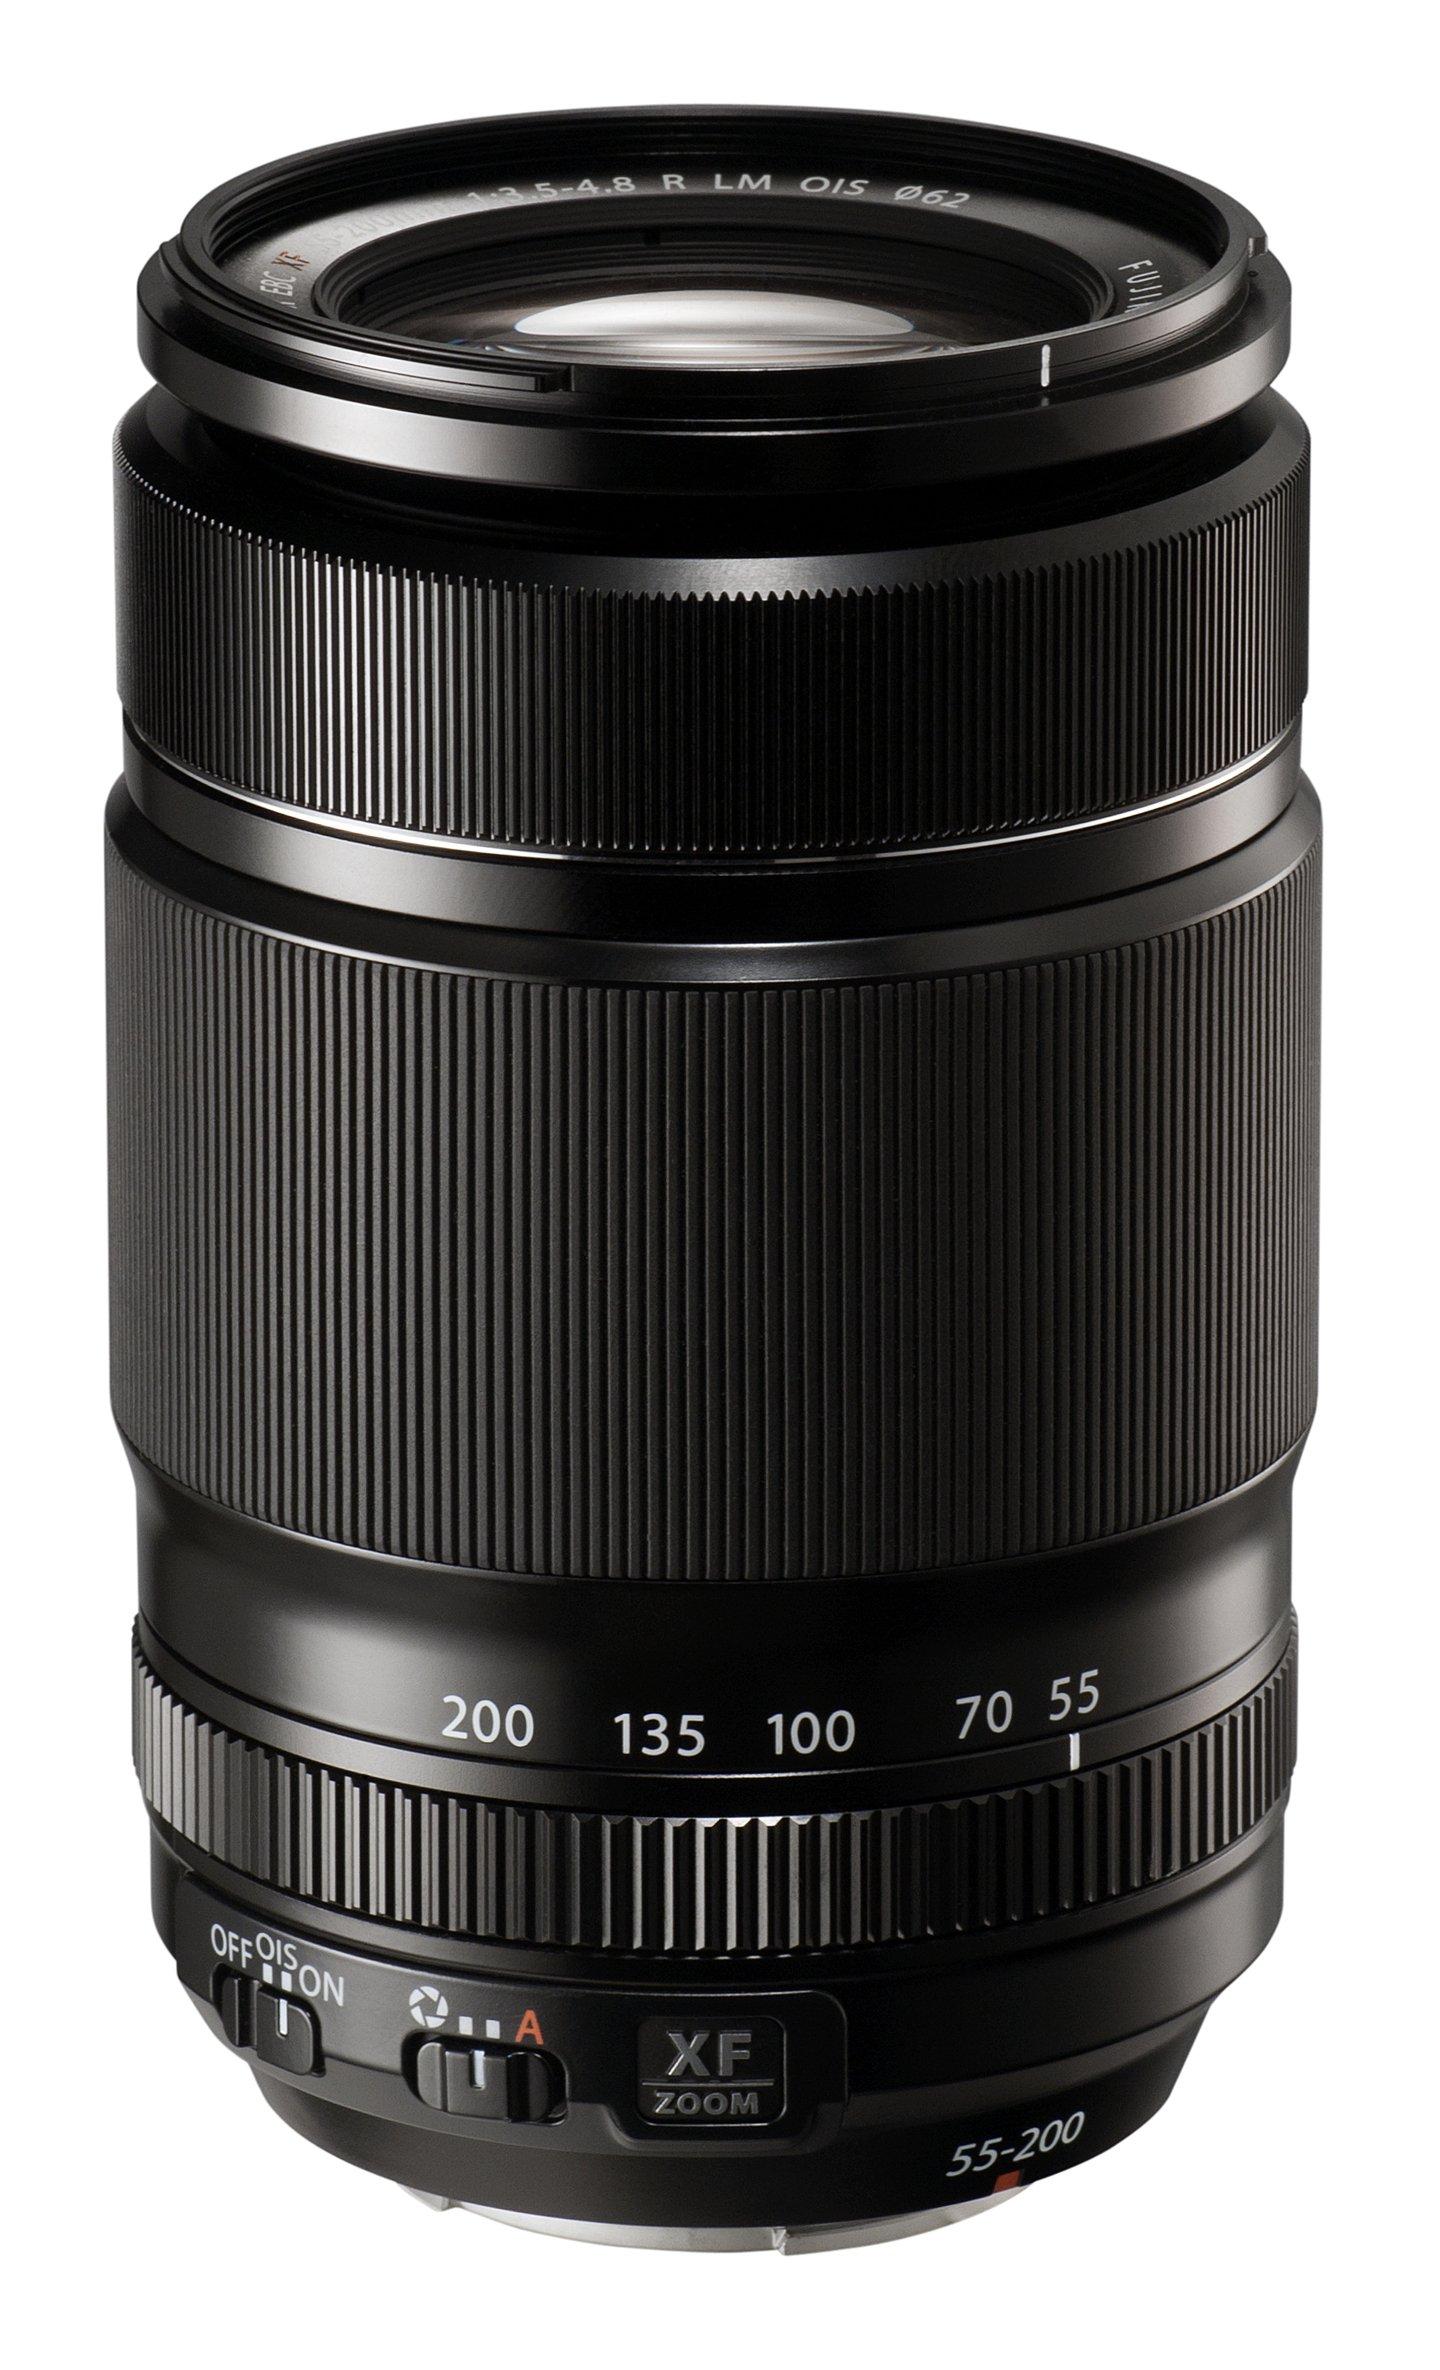 Fujinon XF55-200mmF3.5-4.8 R LM OIS by Fujifilm